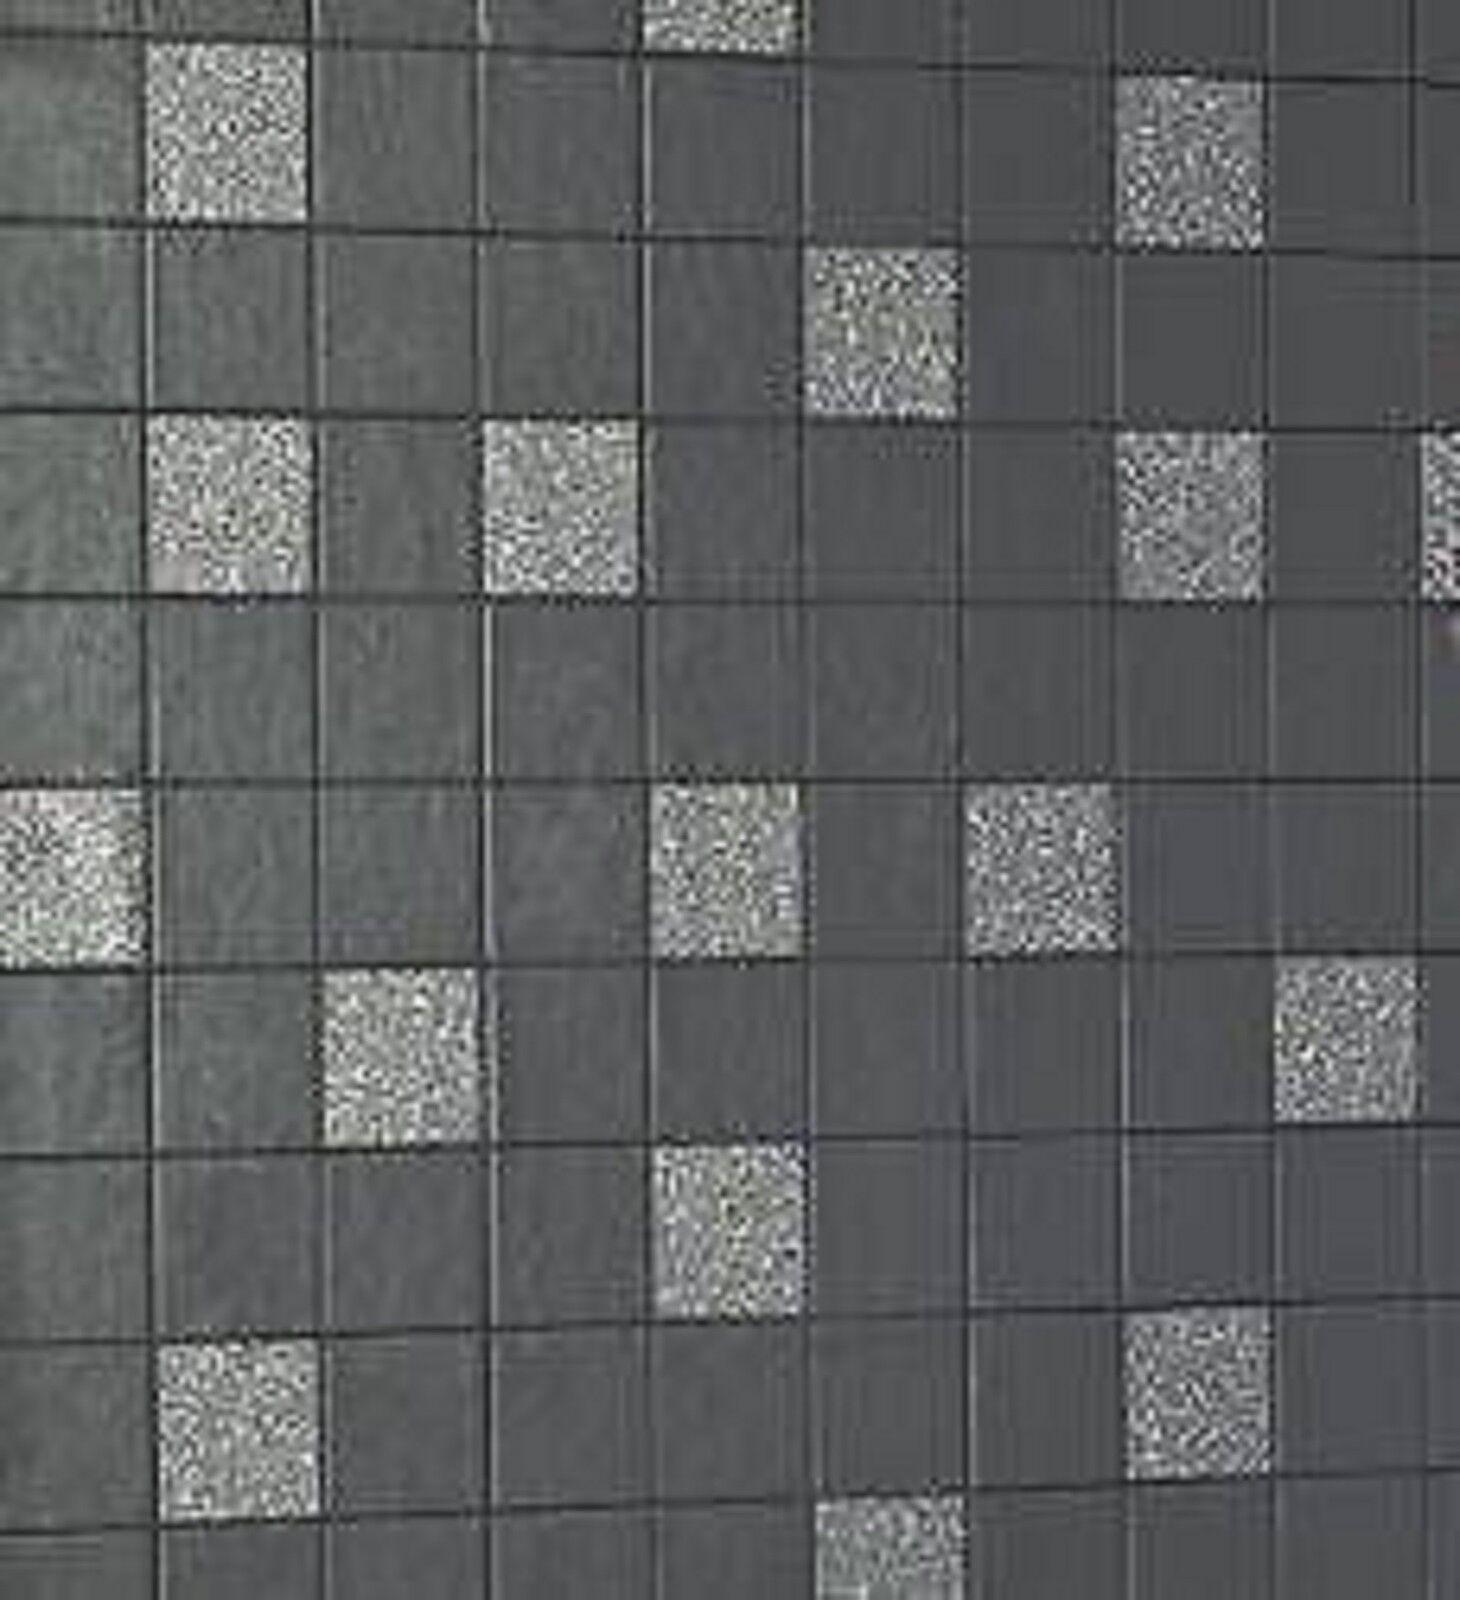 holden fliesen auf einer rolle granit schwarz tapete 89130 ebay. Black Bedroom Furniture Sets. Home Design Ideas